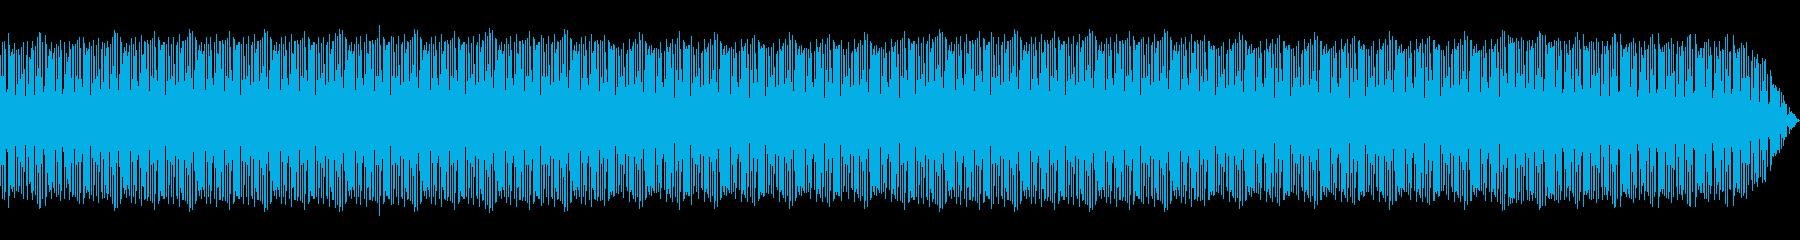 テクノ ミドルテンポなベースとビートの再生済みの波形